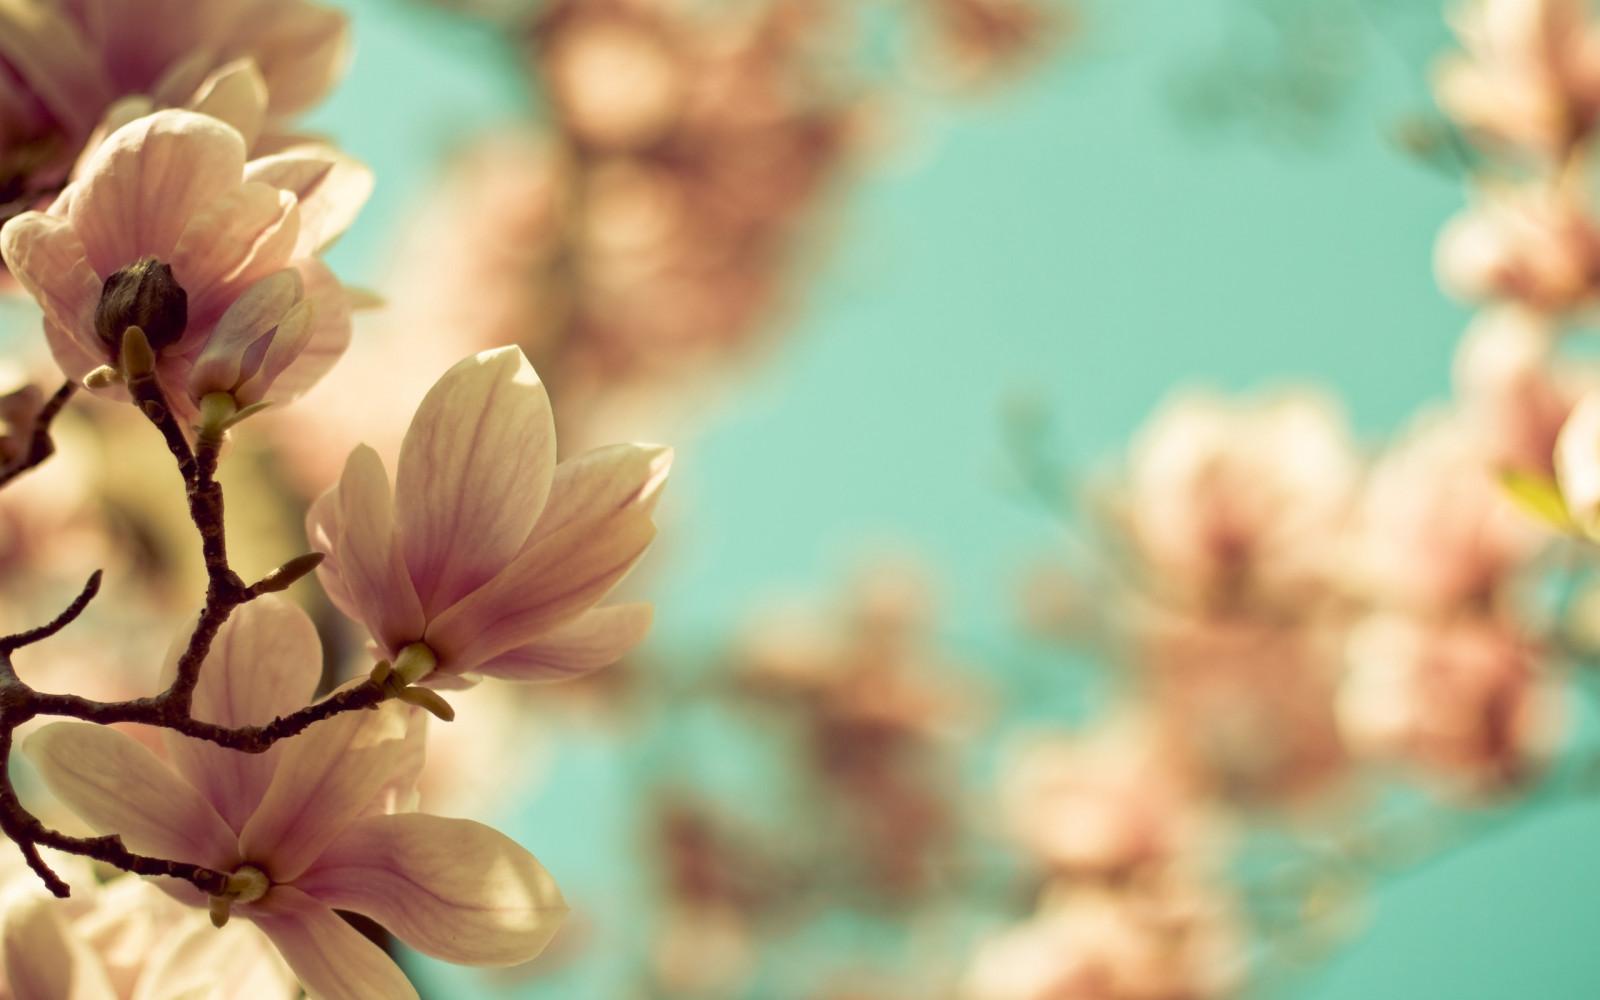 Картинка нежные цветы для фотошопа, тюльпаны